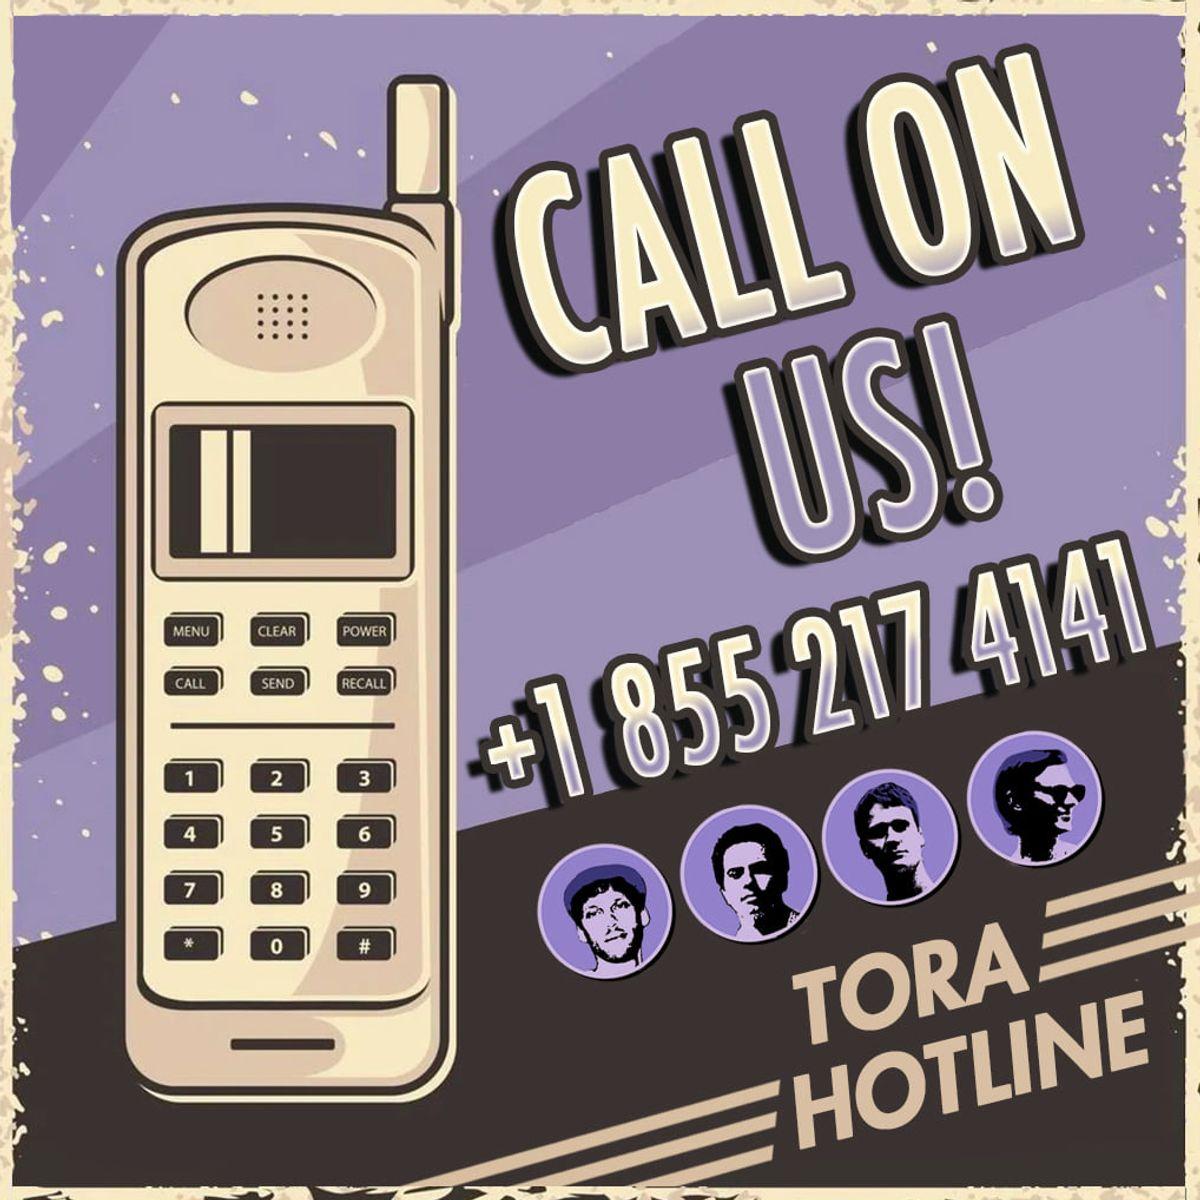 Tora - Call On Me